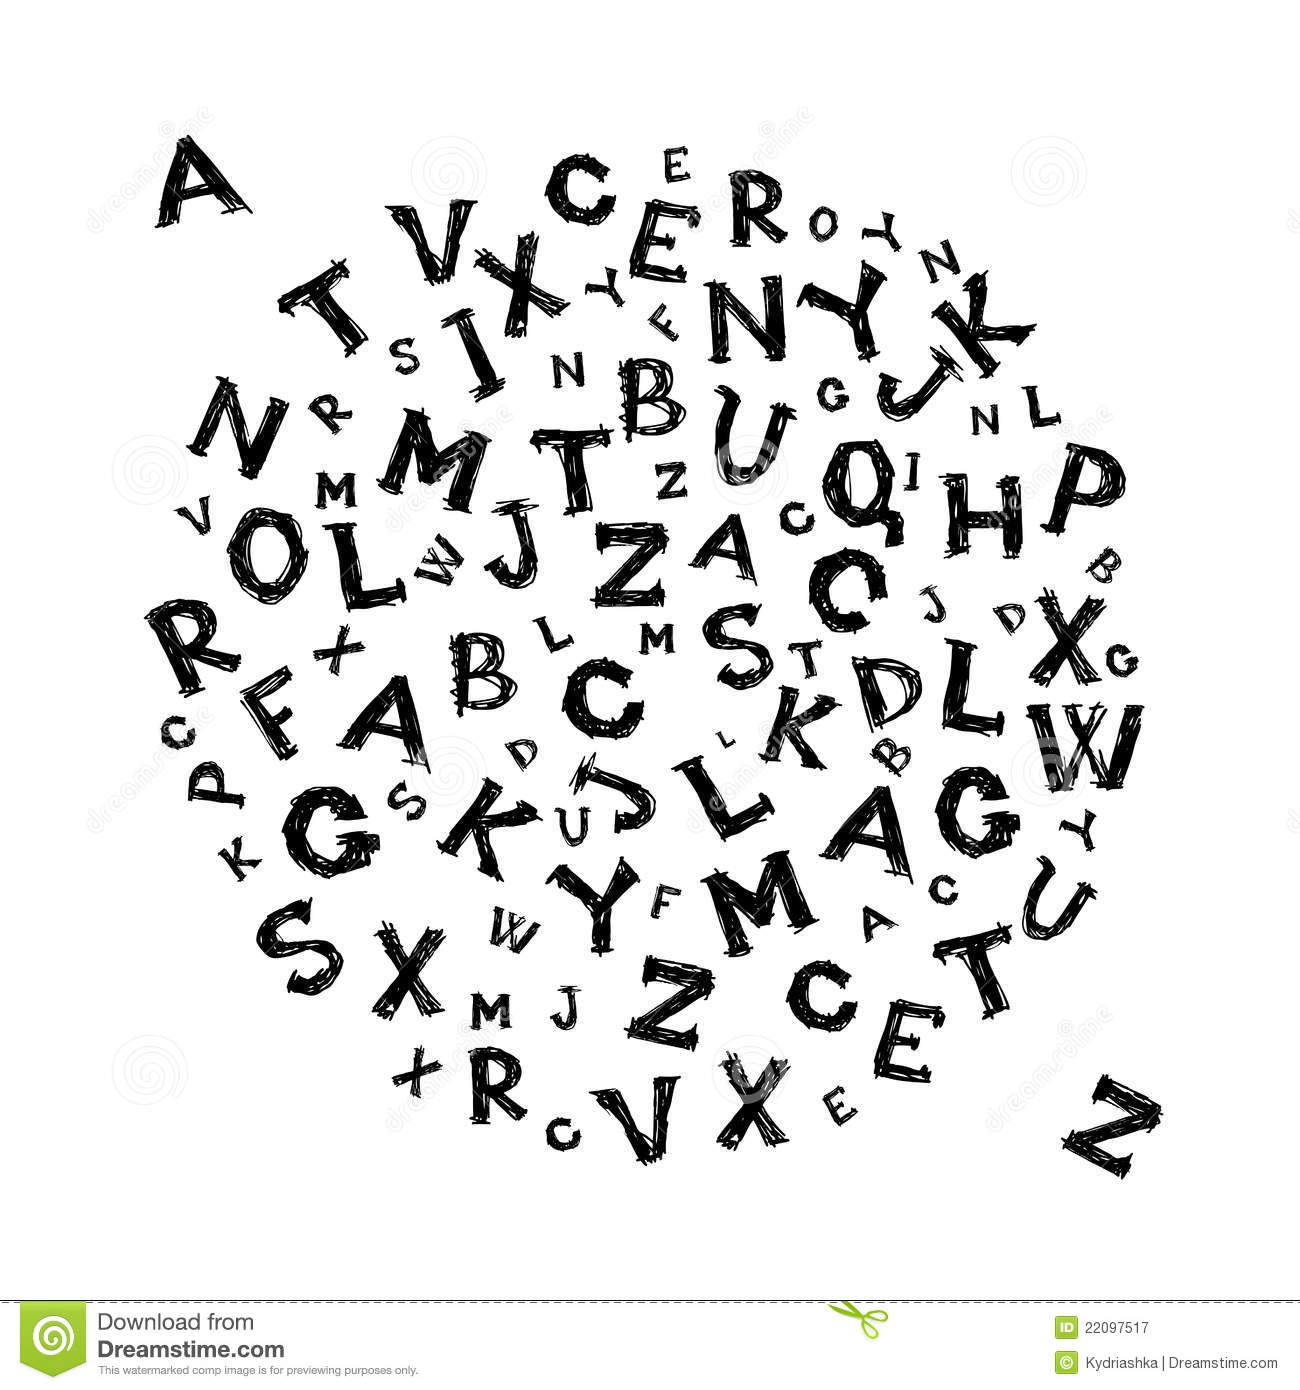 trame-de-croquis-avec-des-lettres-pour-votre-conception-22097517.jpg (1300×1390)